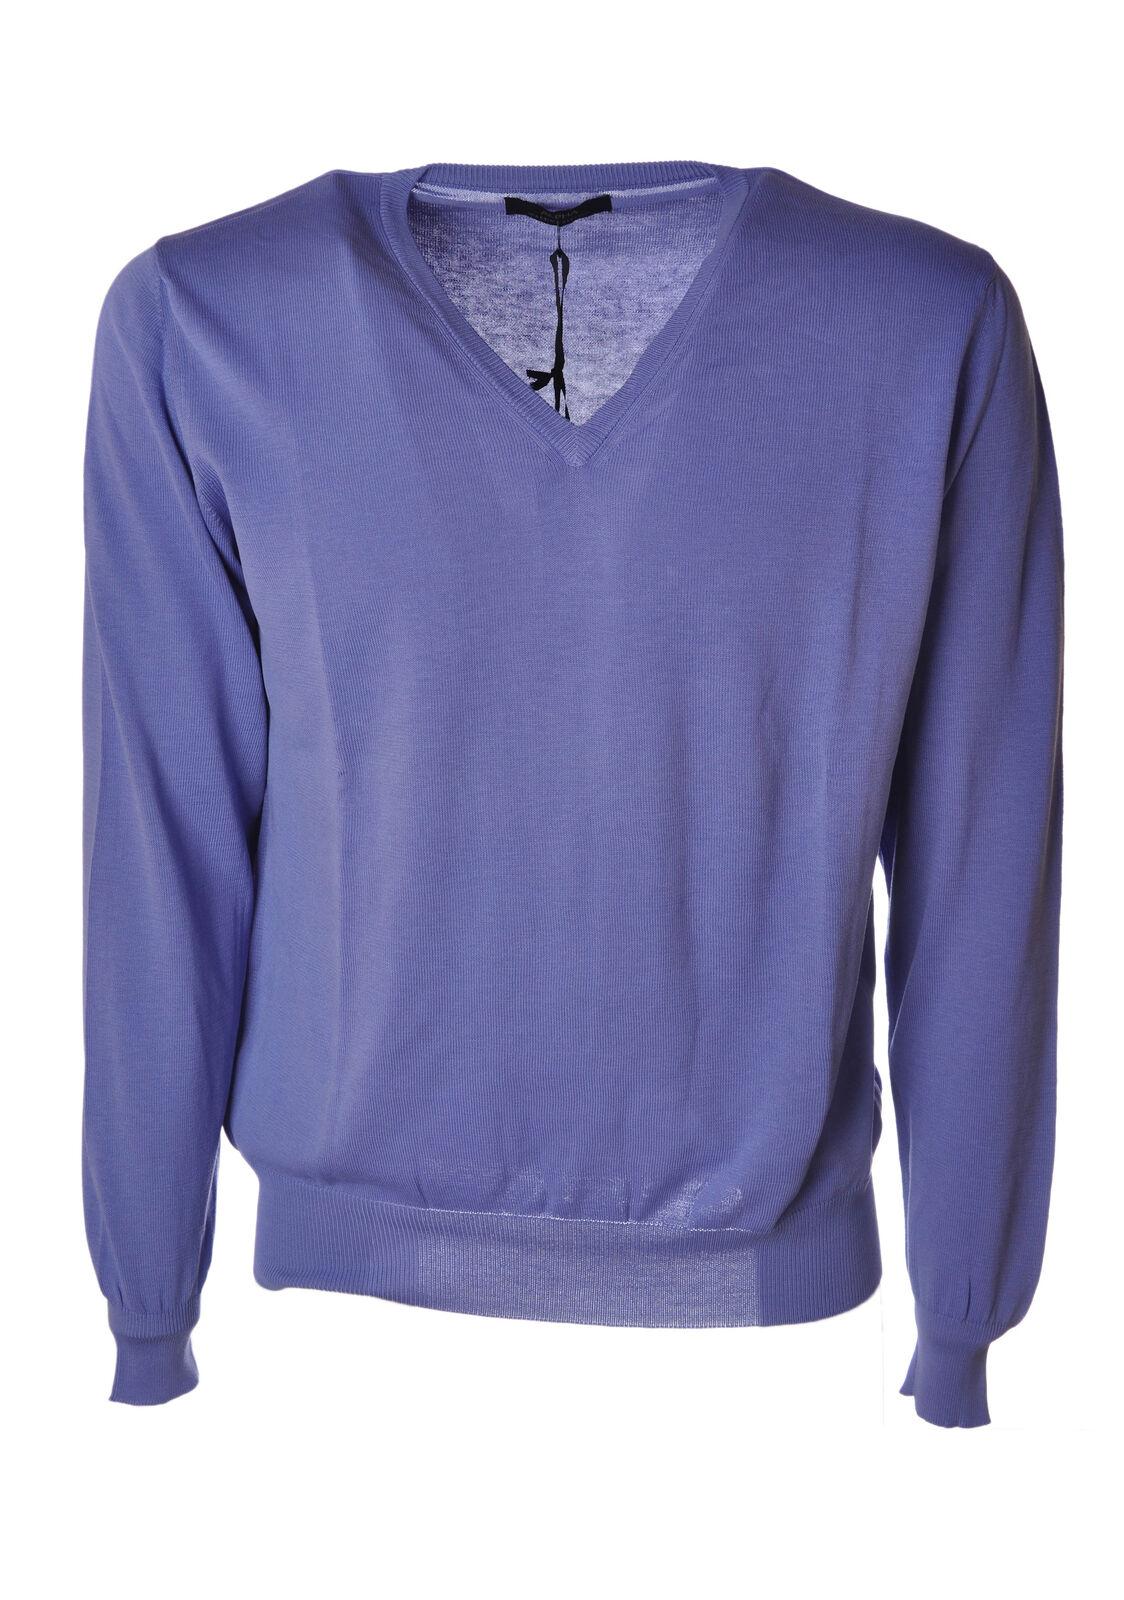 Alpha - Knitwear-chandails - Man - bleu - 4625311D183858